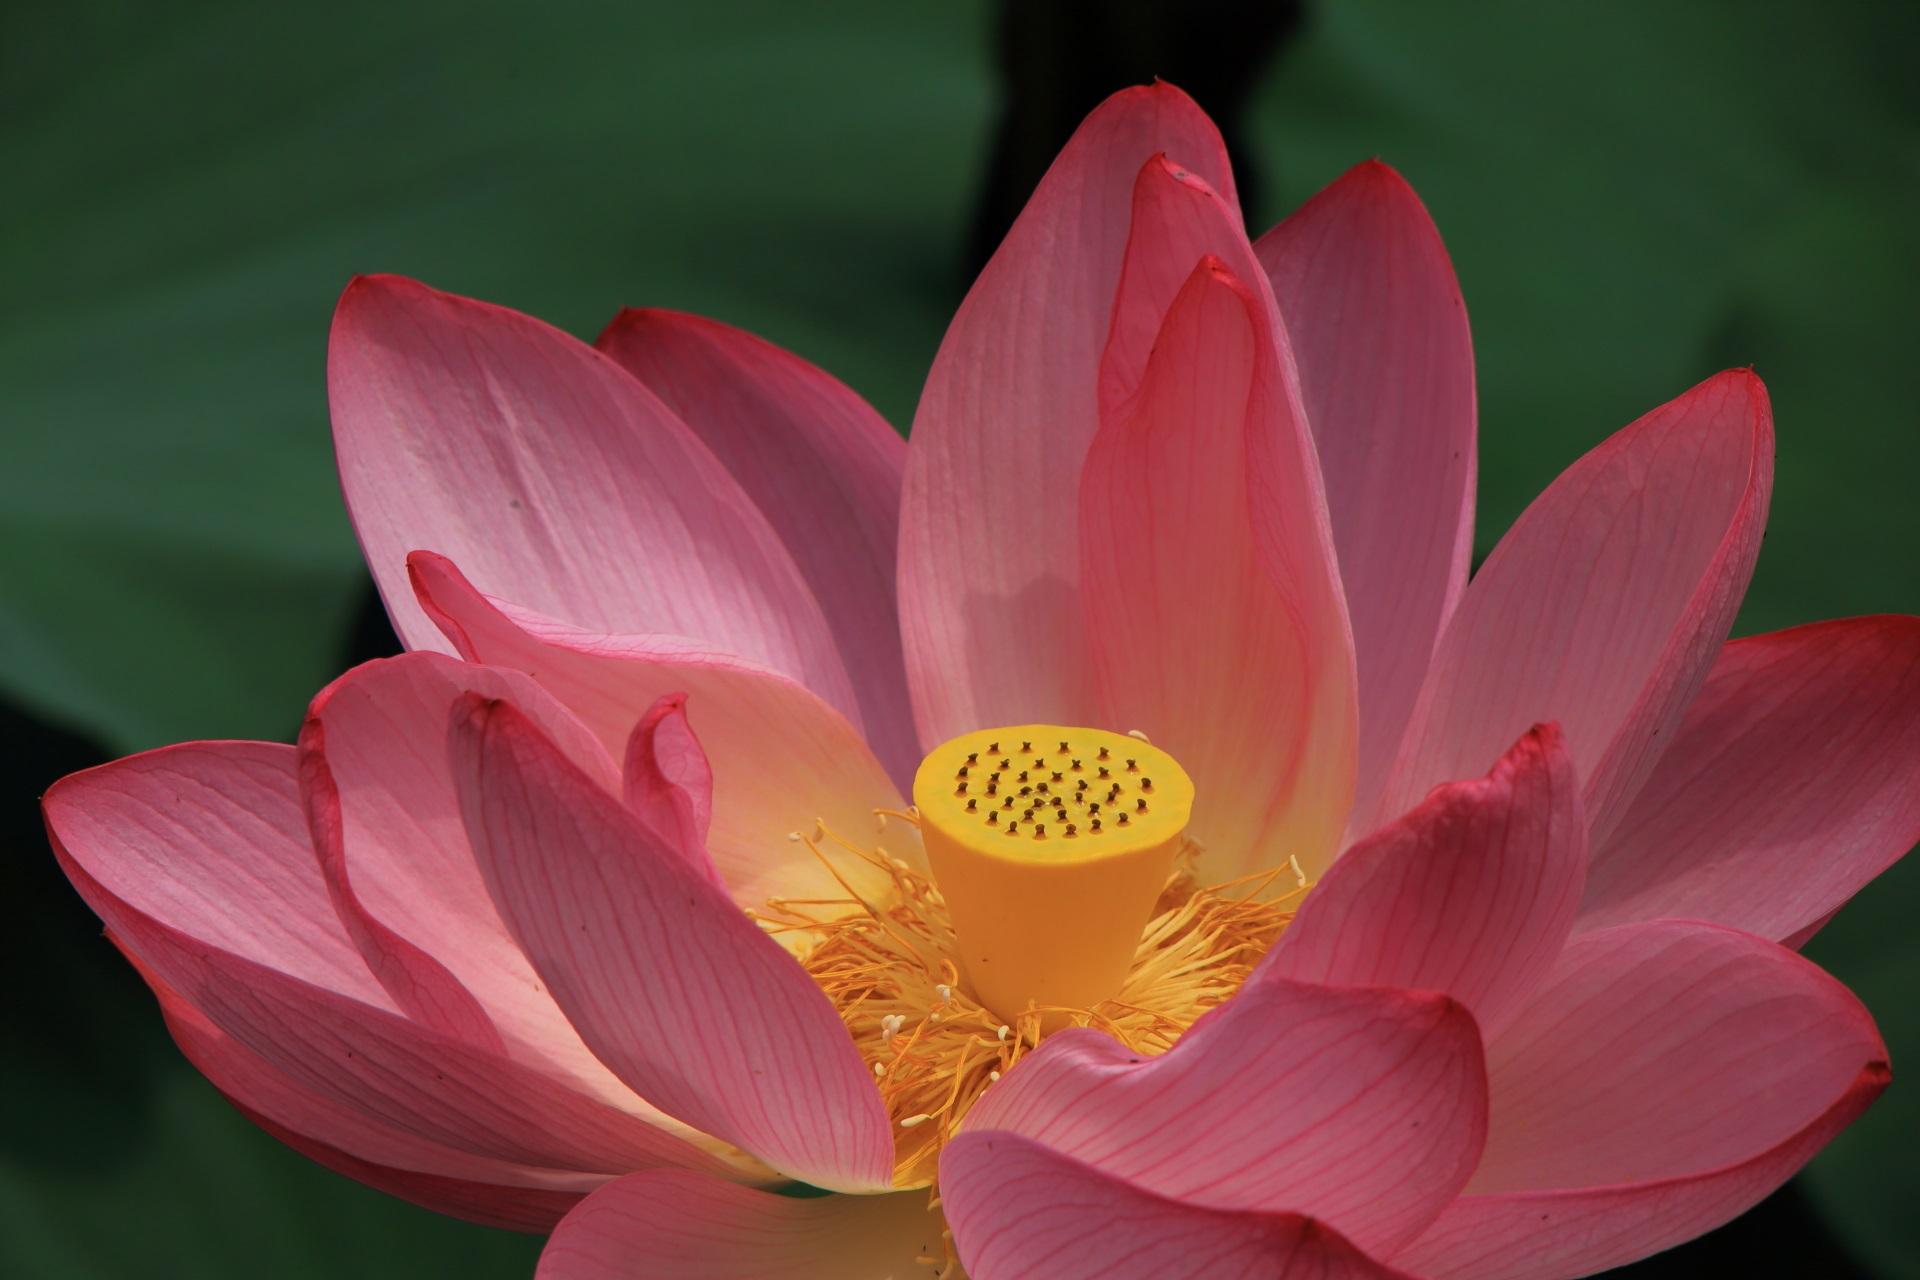 ゆるい光が当たって華やかな色合いの見事なピンクの蓮の花